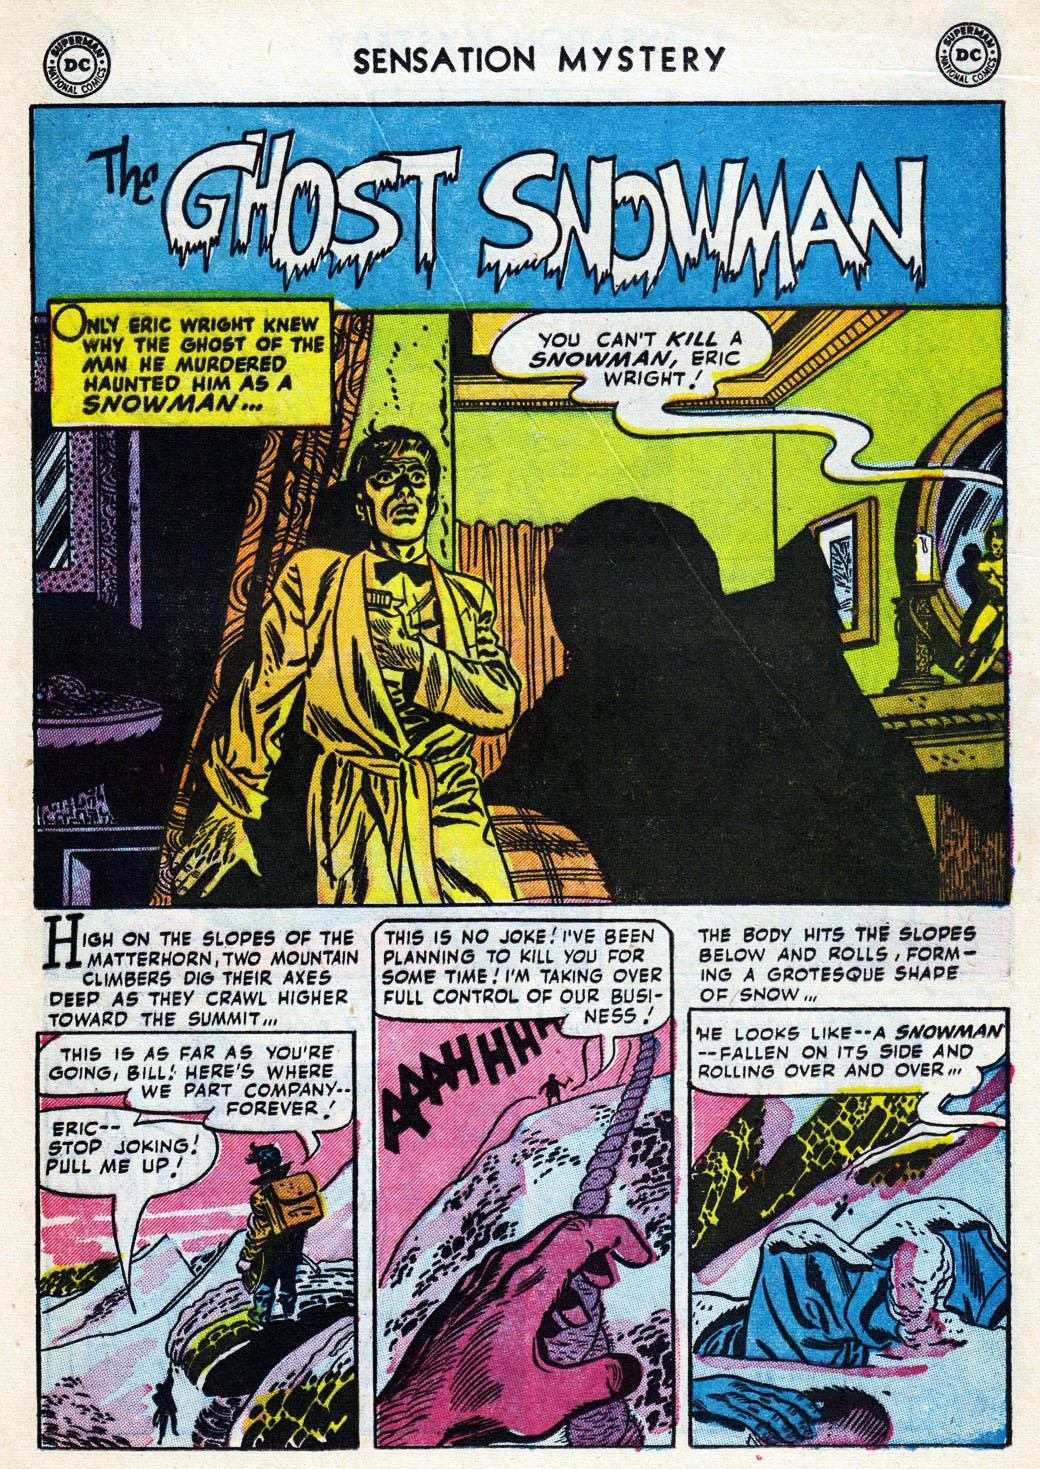 GhostSnowman1